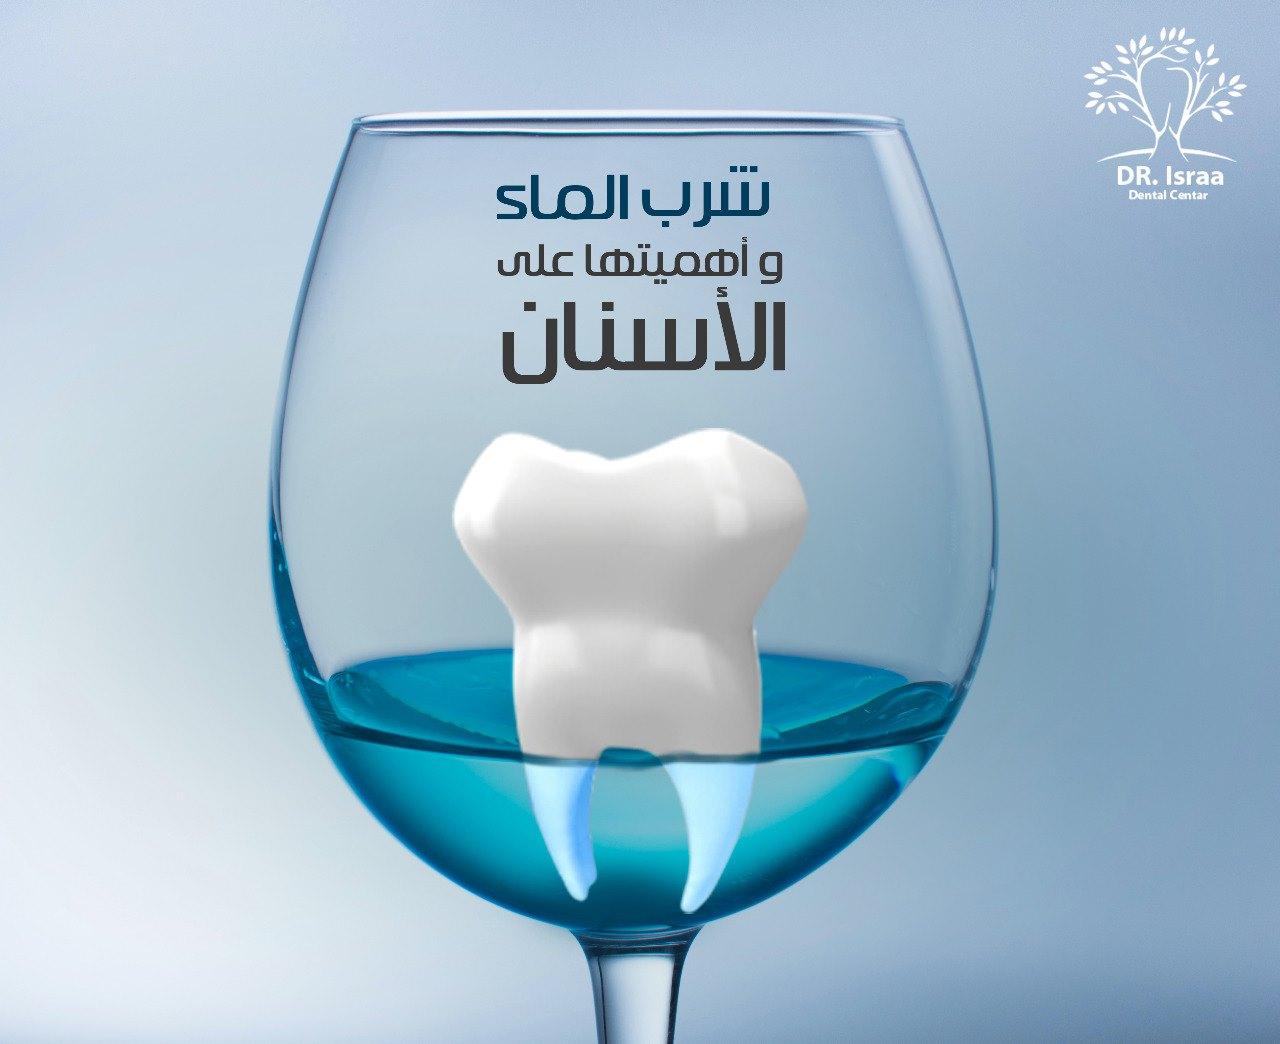 افكار اعلانات طبيب اسنان سوشيال ميديا 19 تصاميم سوشيال ميديا   طبيب اسنان